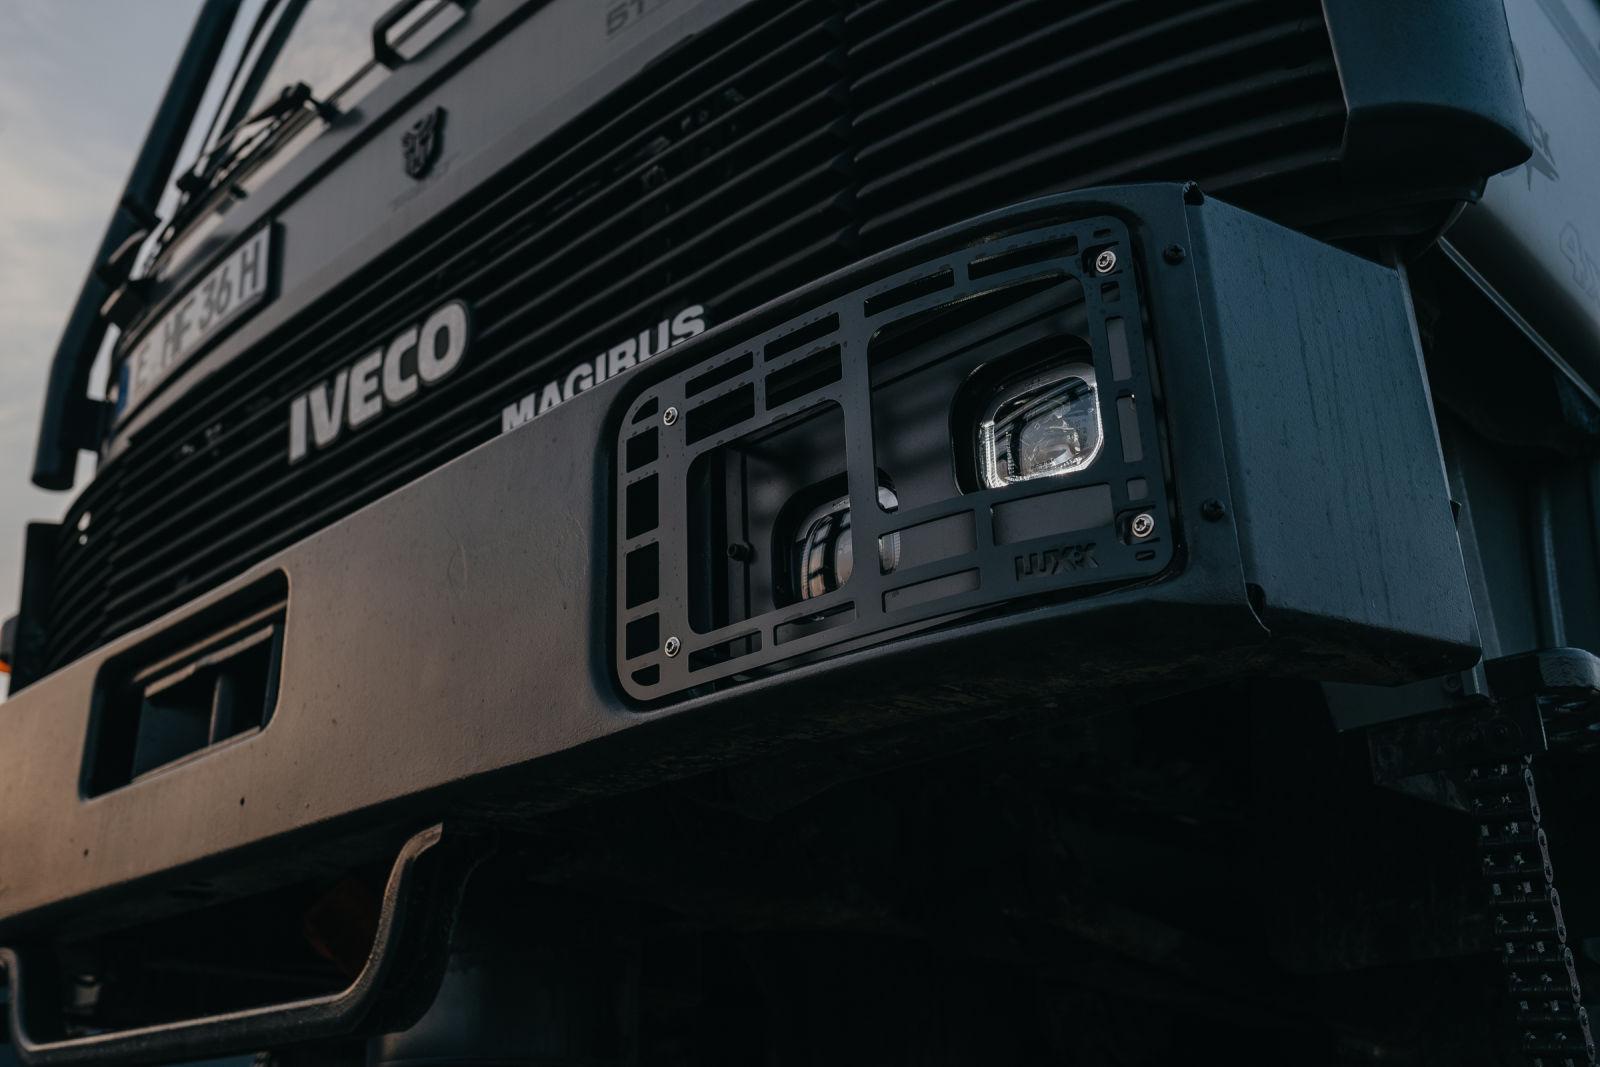 Der Iveco 90-16 mit Scheinwerfer LUXX LED.